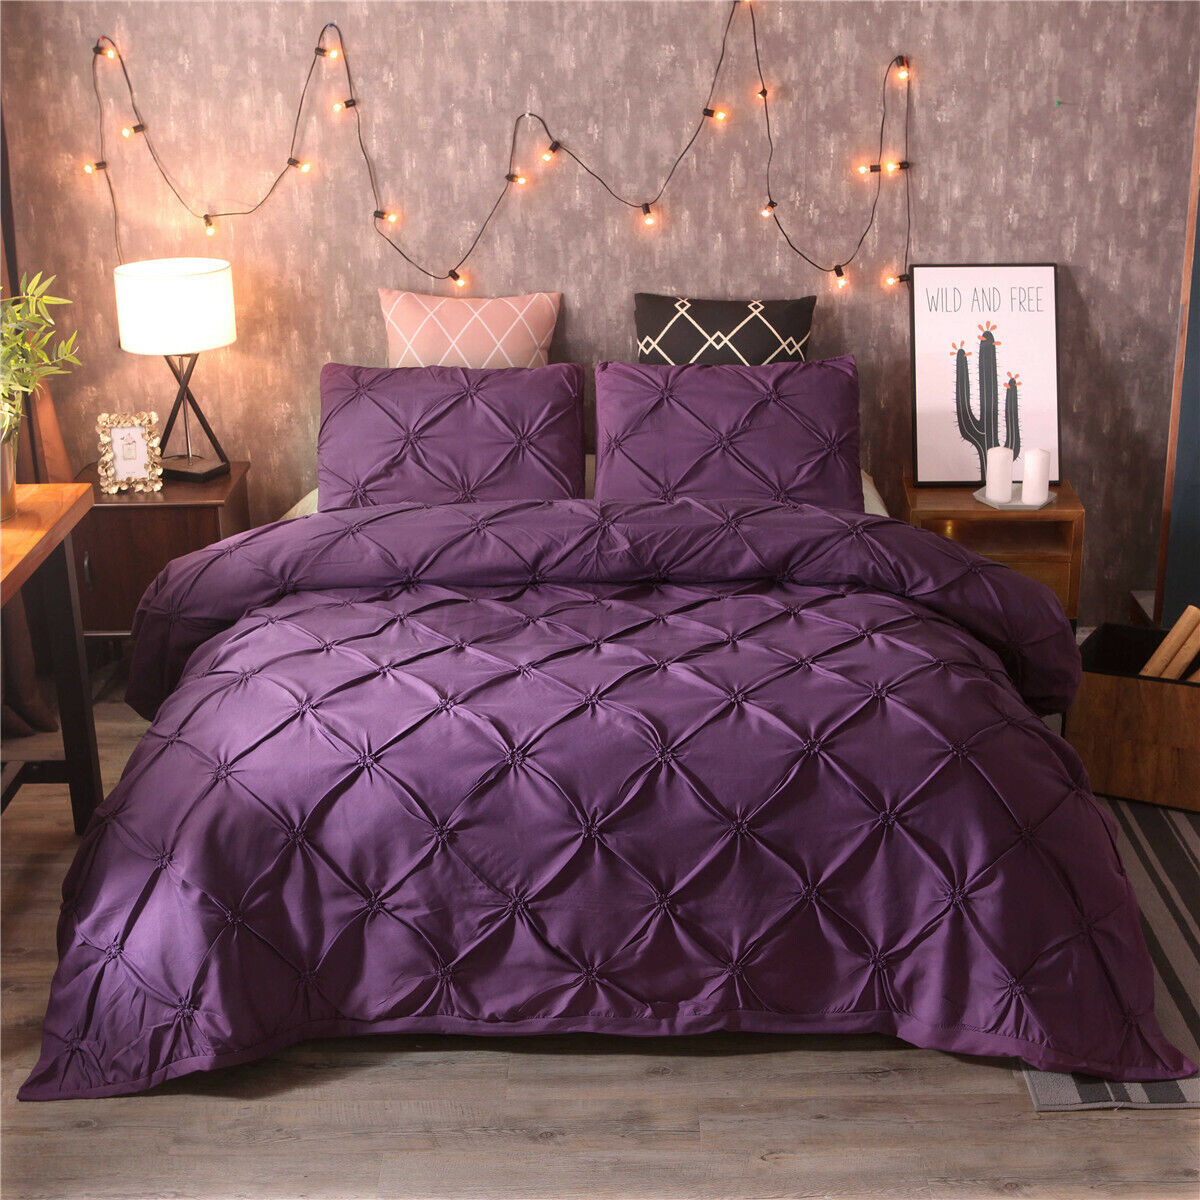 Sweet Jojo Designs Purple Funky Zebra 3 Piece Full Queen Size Bedding Set For Sale Online Ebay